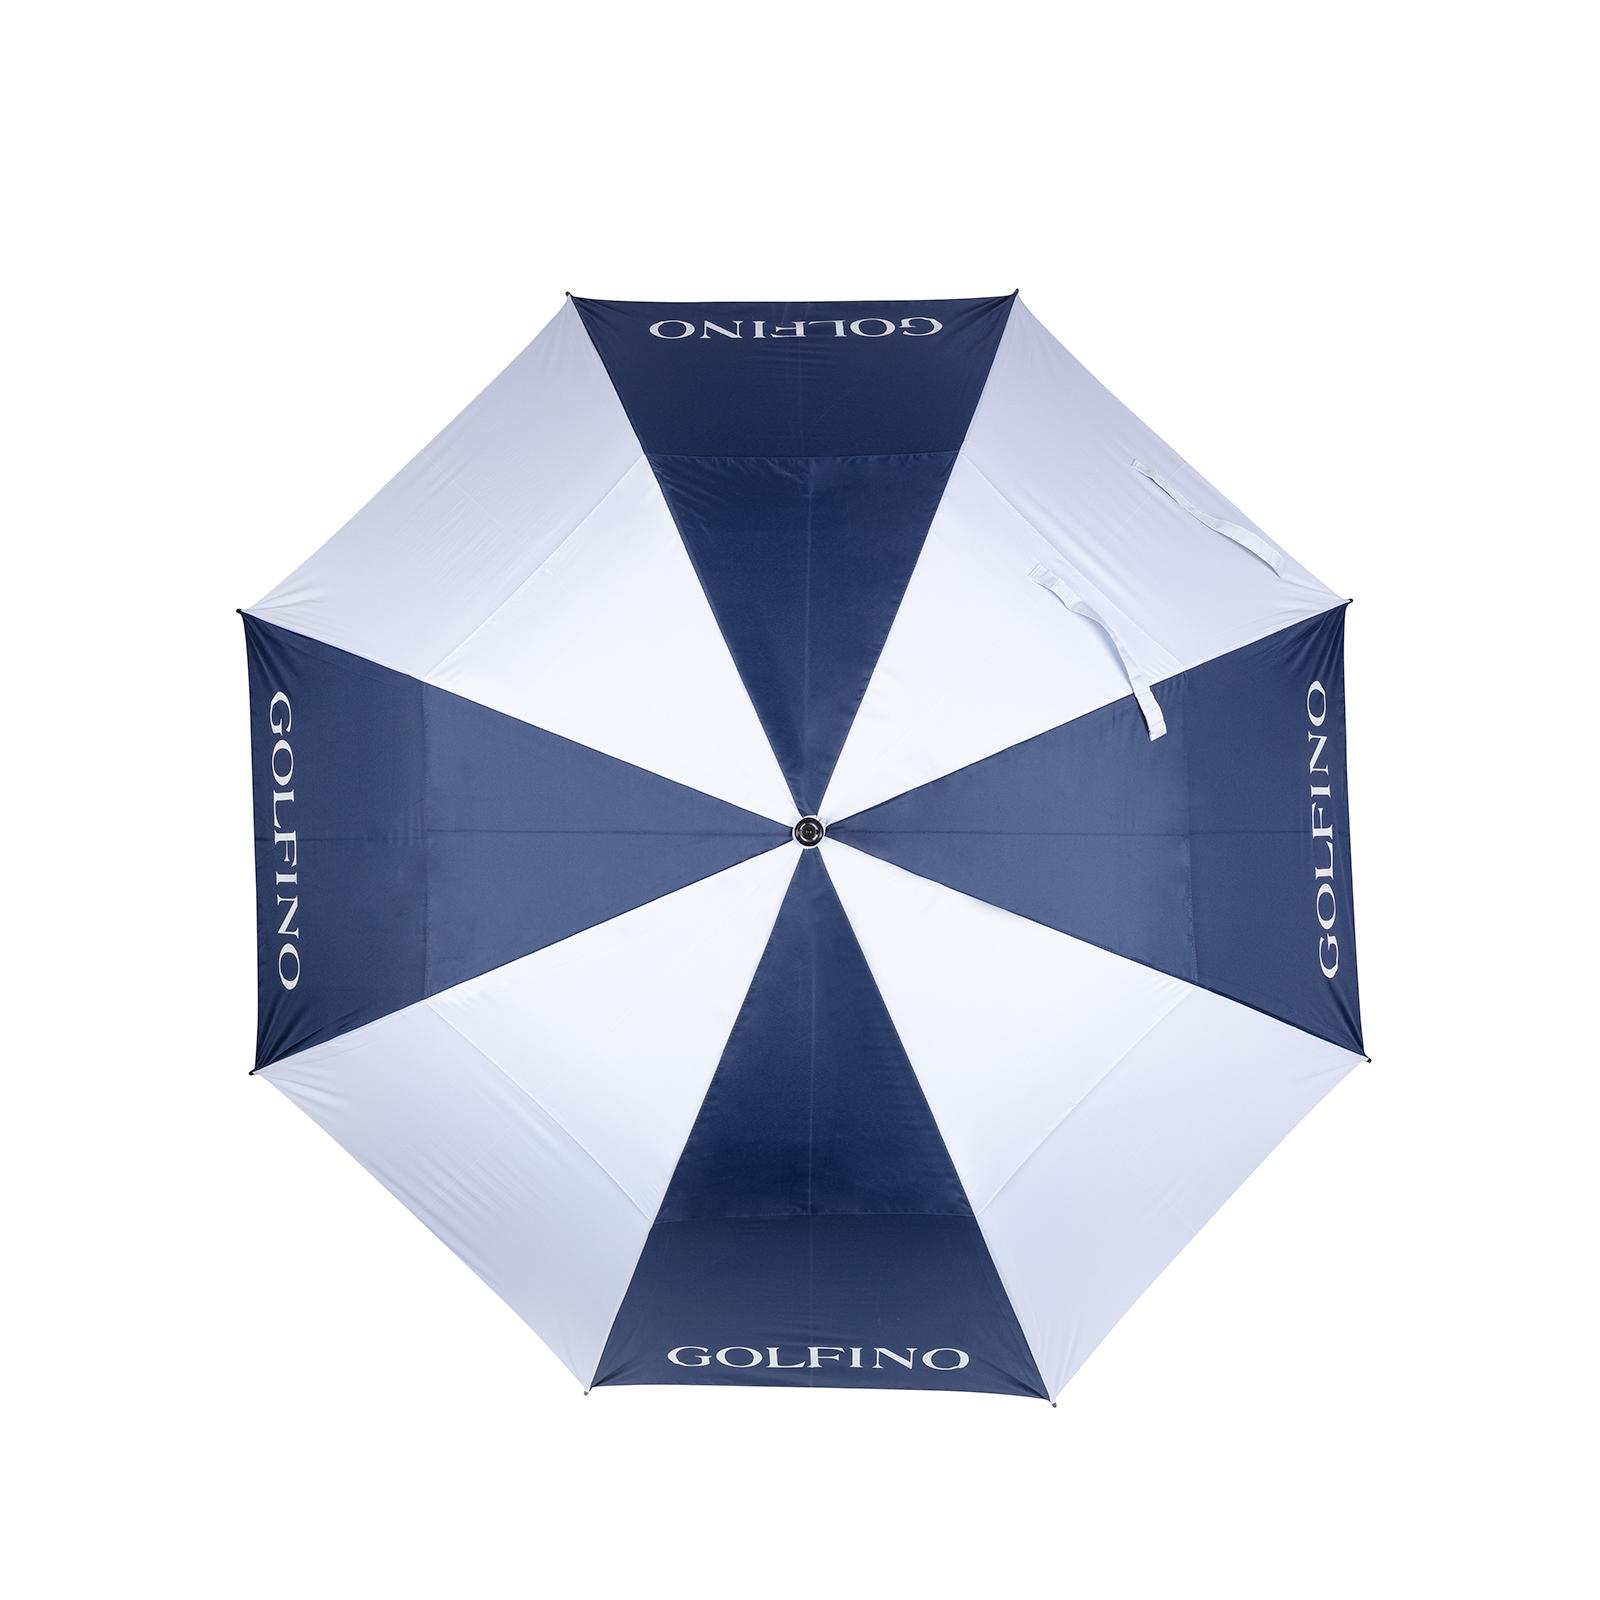 Golfschirm 137 cm für Regen- und Sonnenschutz